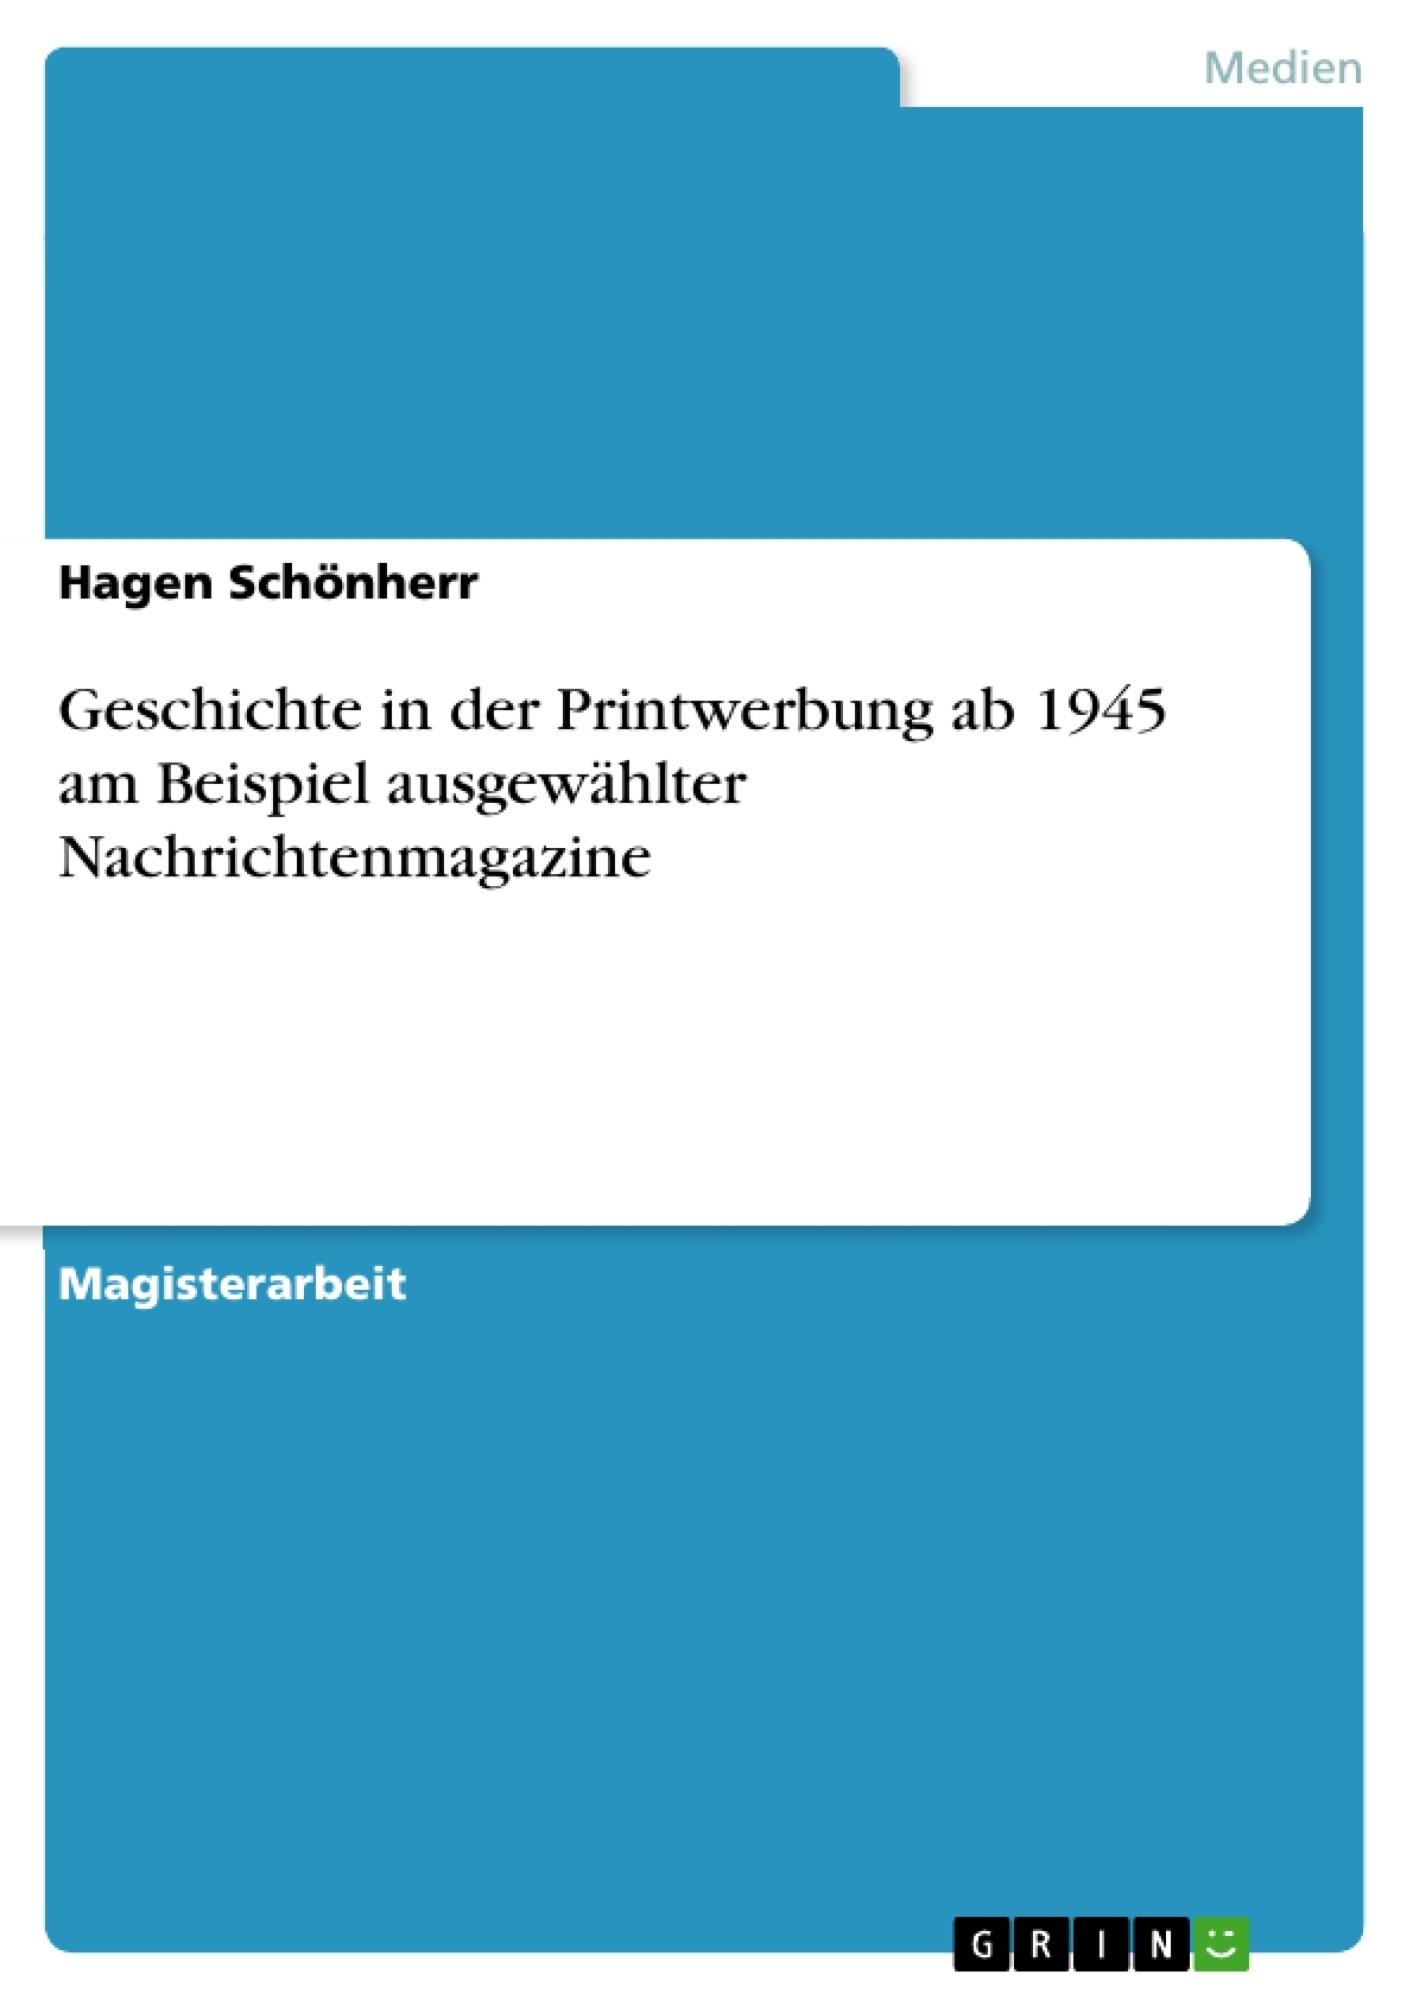 Titel: Geschichte in der Printwerbung ab 1945 am Beispiel ausgewählter Nachrichtenmagazine